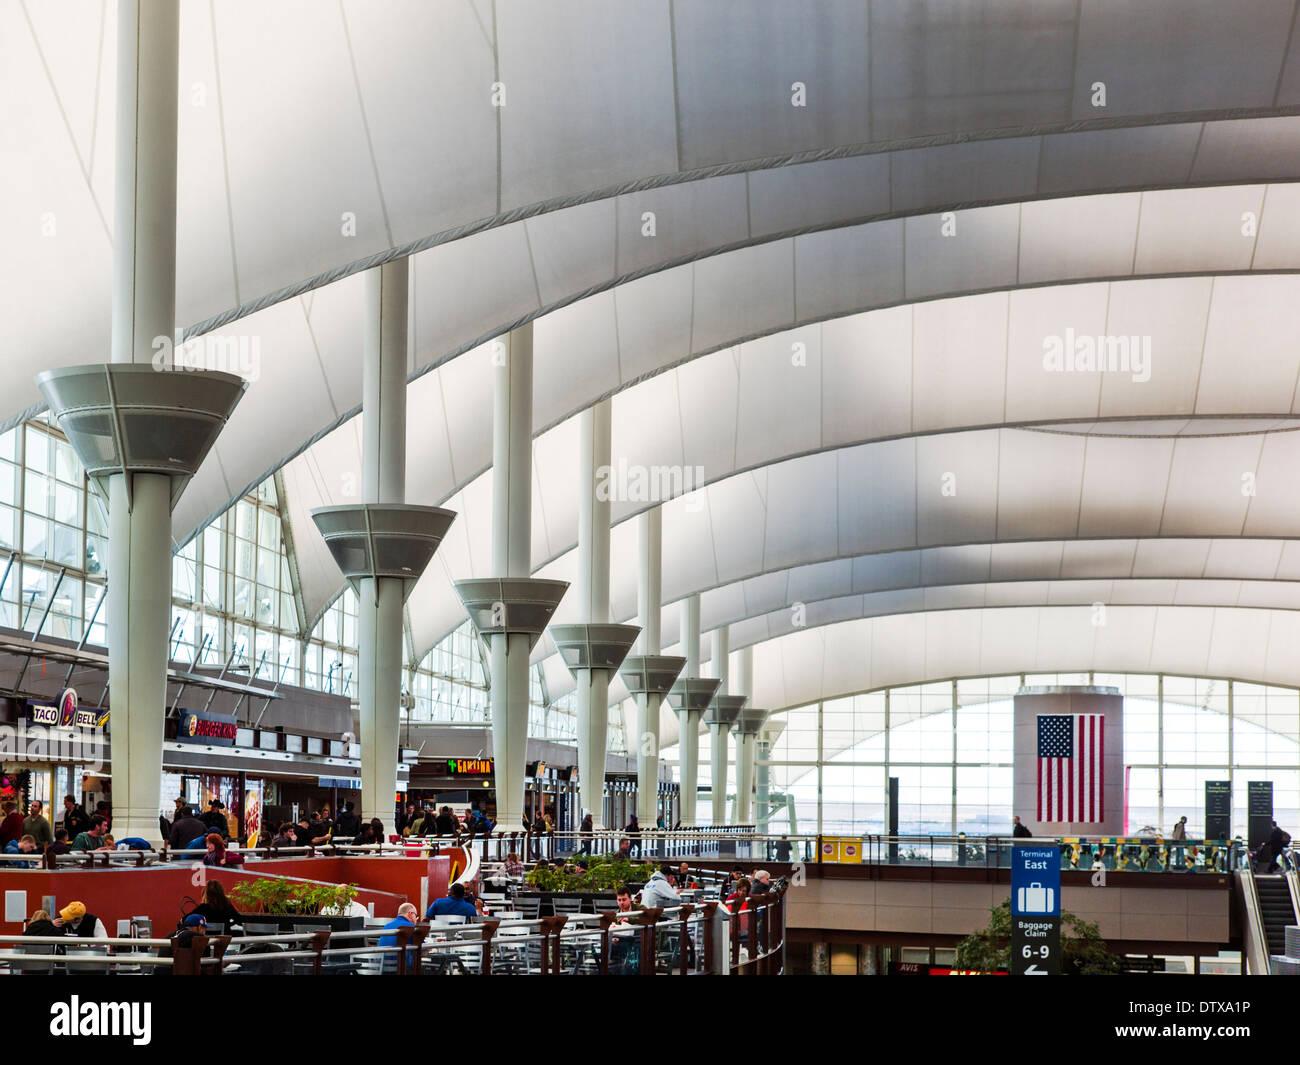 Jeppesen Terminal Denver International Airport Colorado USA. Canopy roof design by Fentress Bradburn Architects & Jeppesen Terminal Denver International Airport Colorado USA ...